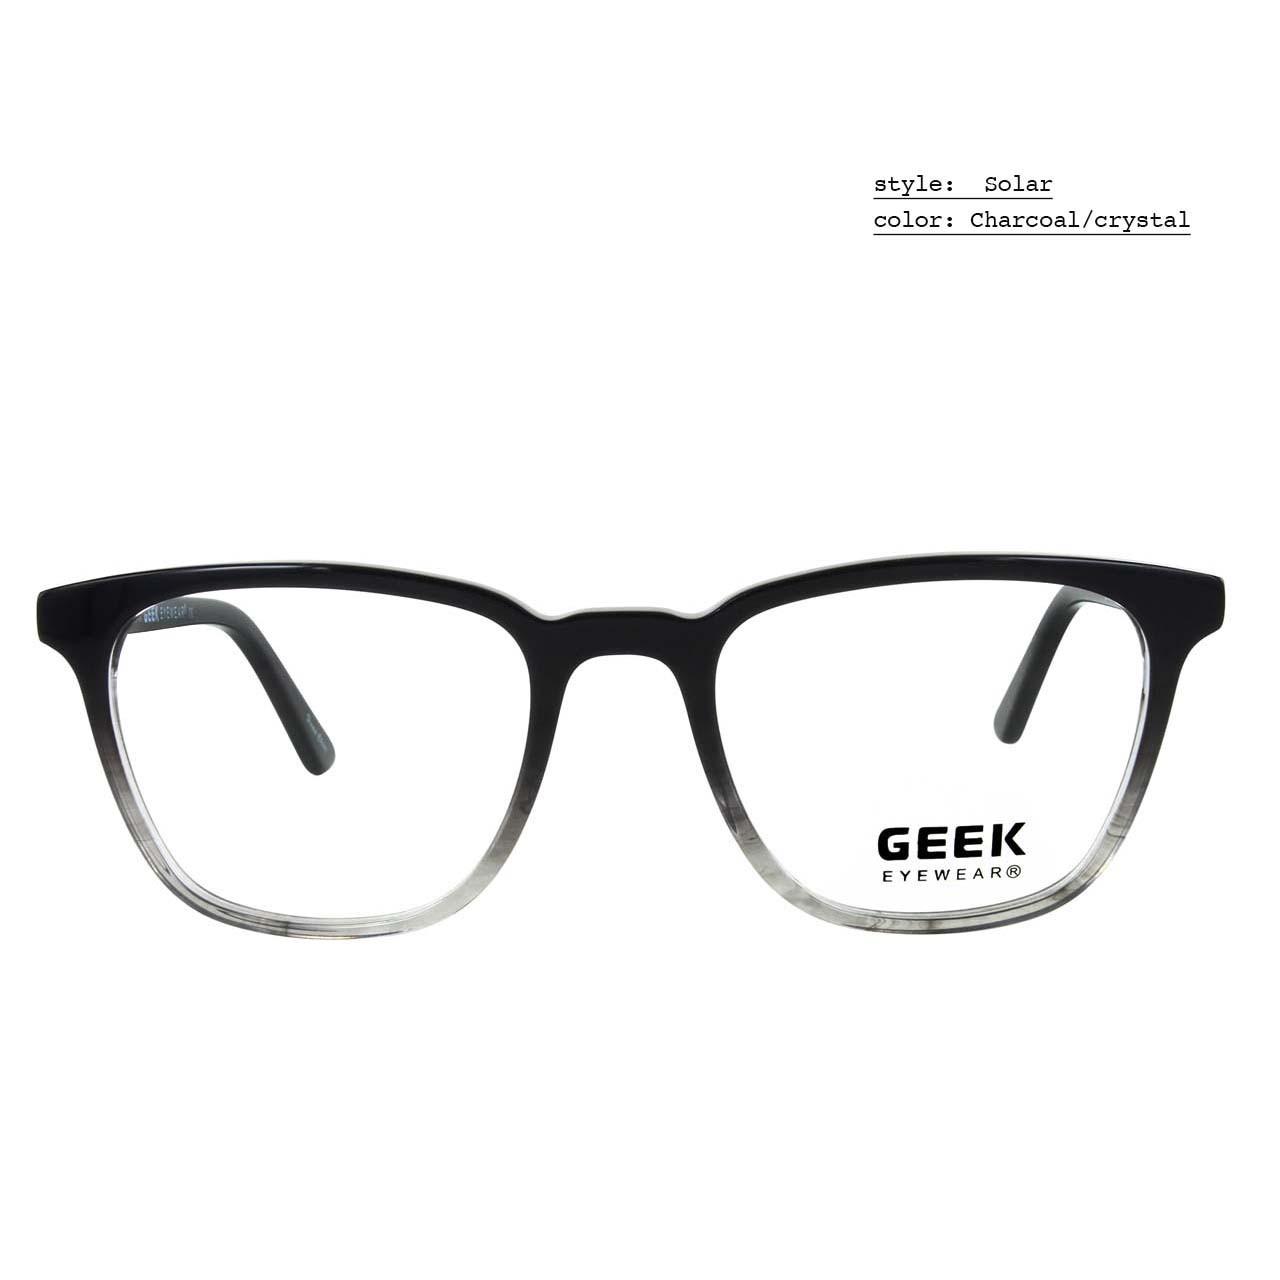 GEEK Eyewear GEEK SOLAR